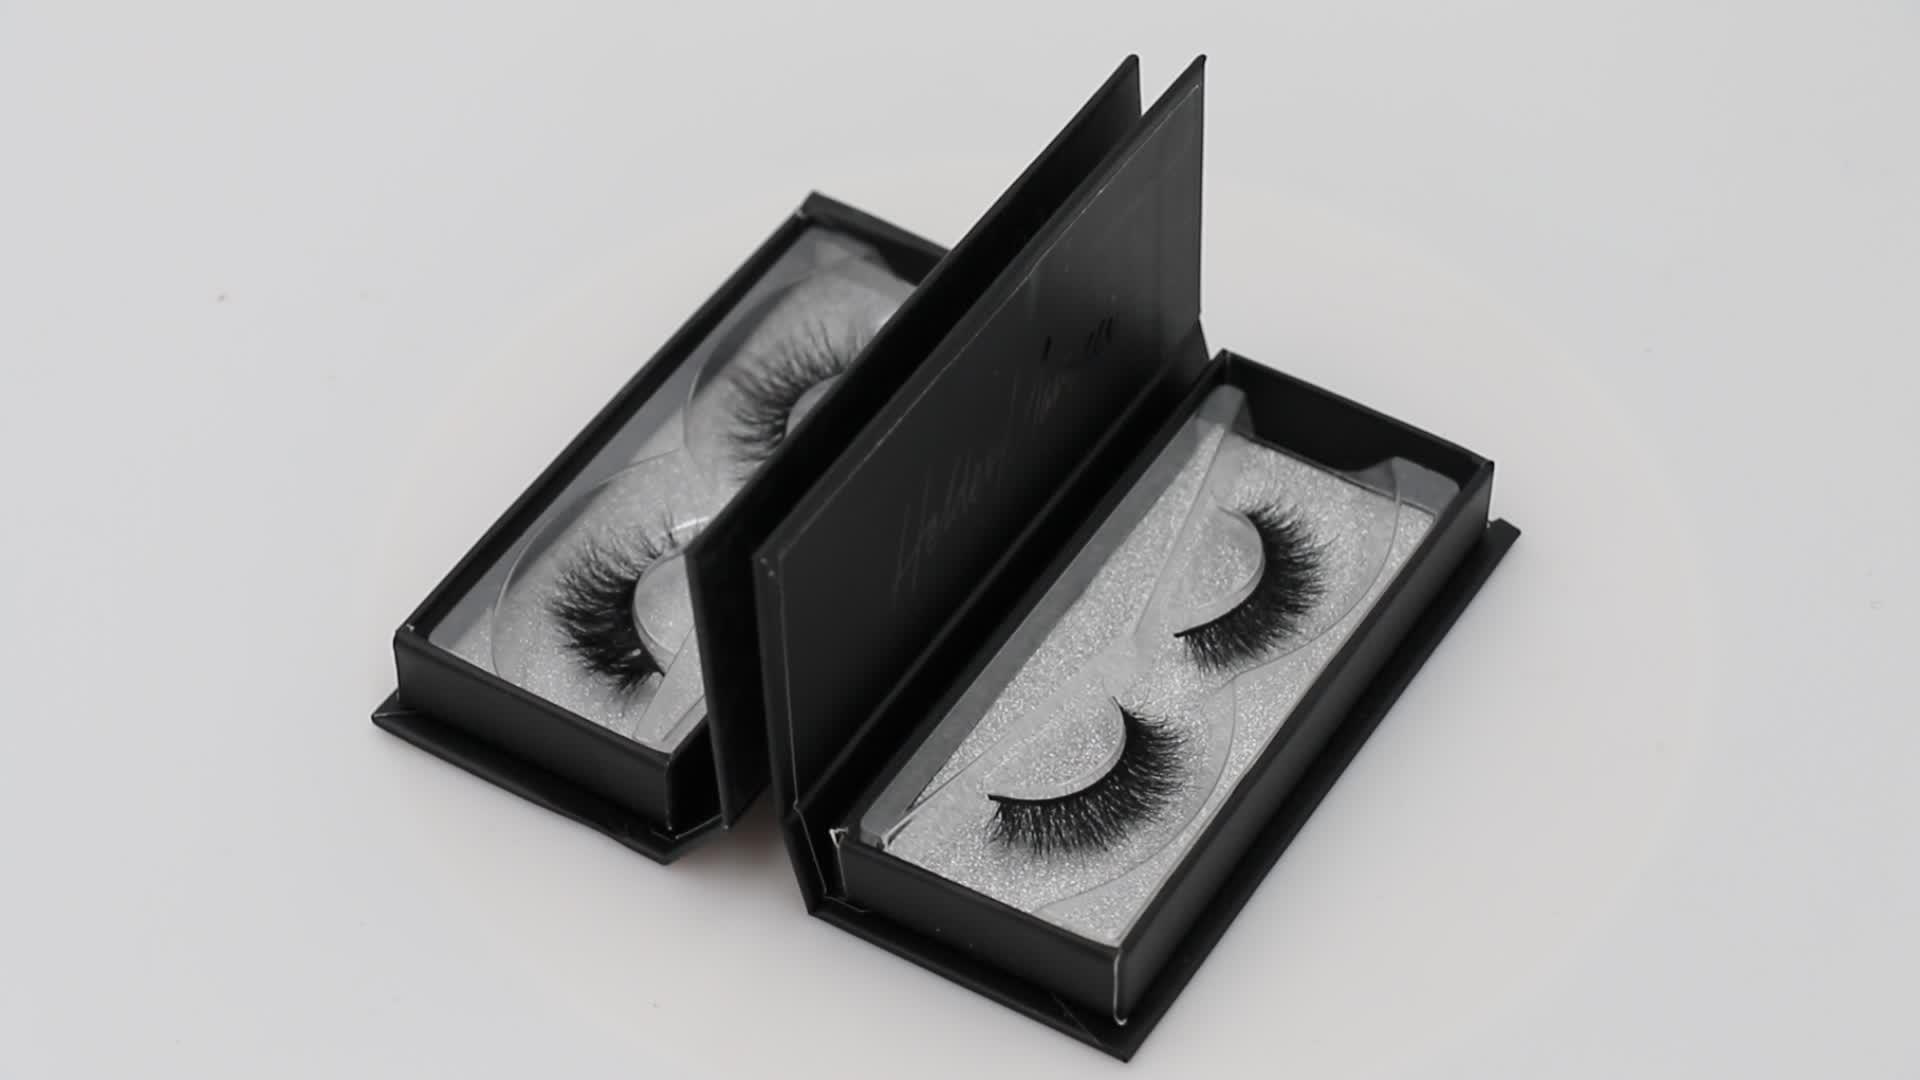 कस्टम Eyelashes बॉक्स पैकिंग थोक 3D मिंक Eyelashes निजी लेबल 3D मिंक Lashes खुद के ब्रांड Eyelashes